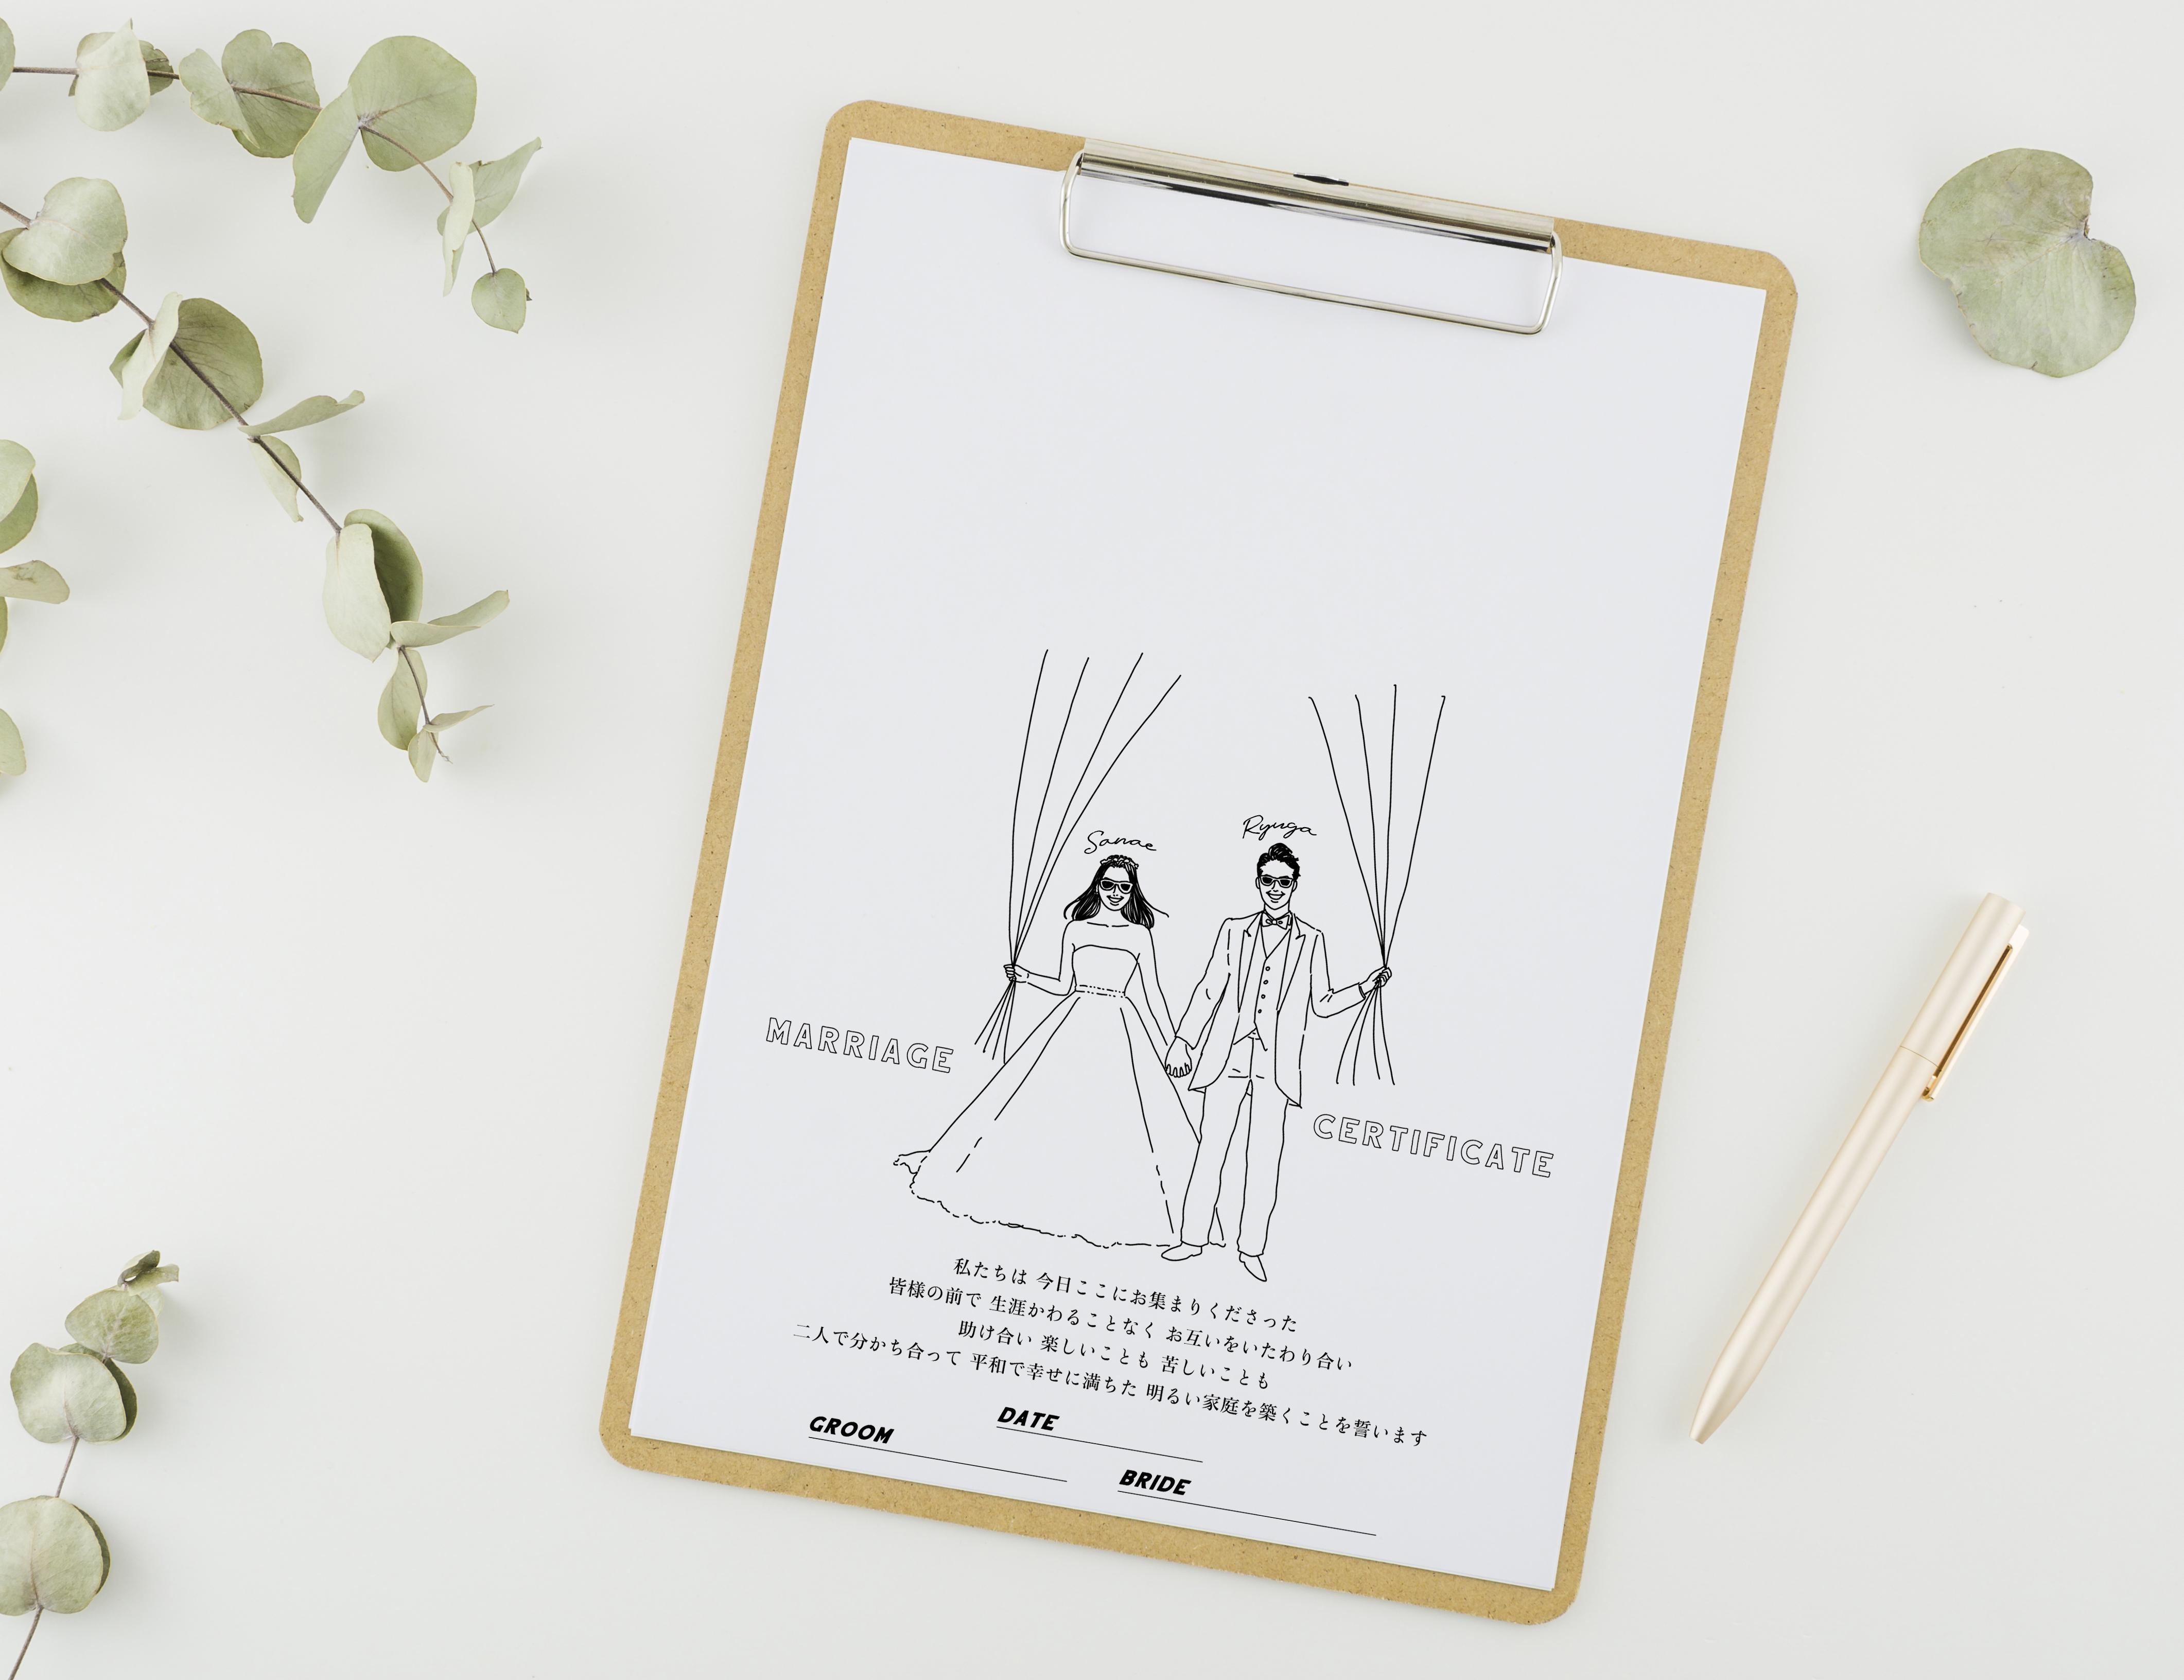 おふたりの似顔絵で作る ゲスト参加型結婚証明書?A │ウェディングツリー ウェディングバルーン